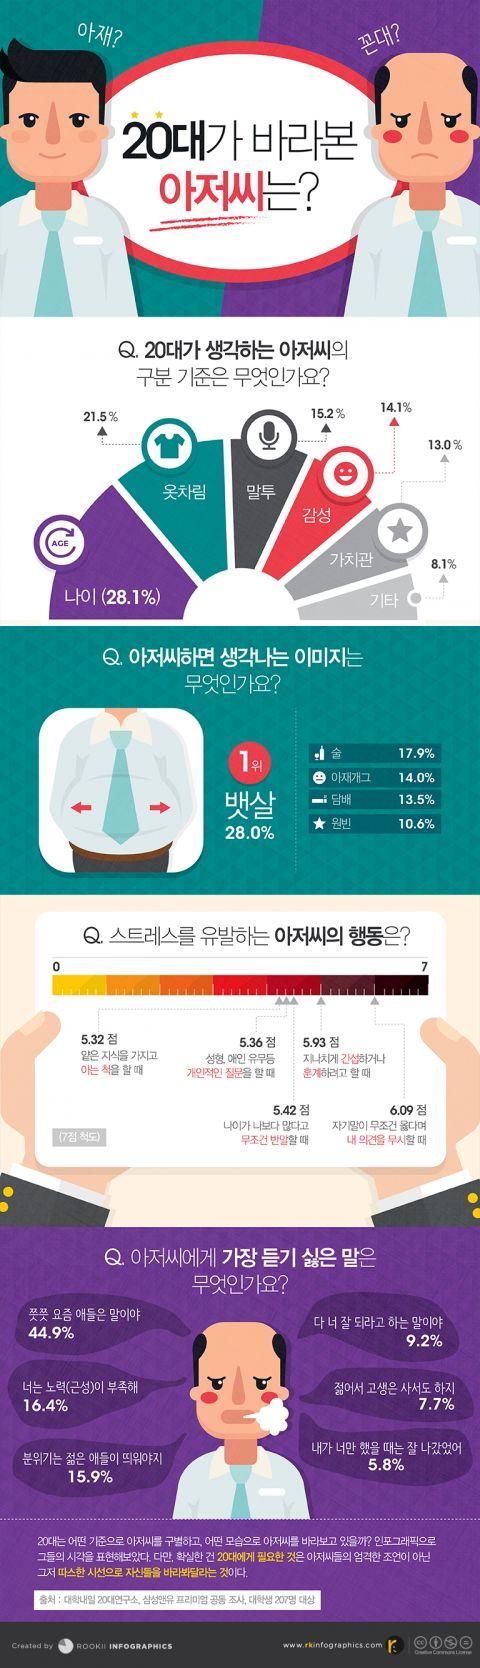 [Infographic] 20대가 바라본 아저씨에 관한 인포그래픽